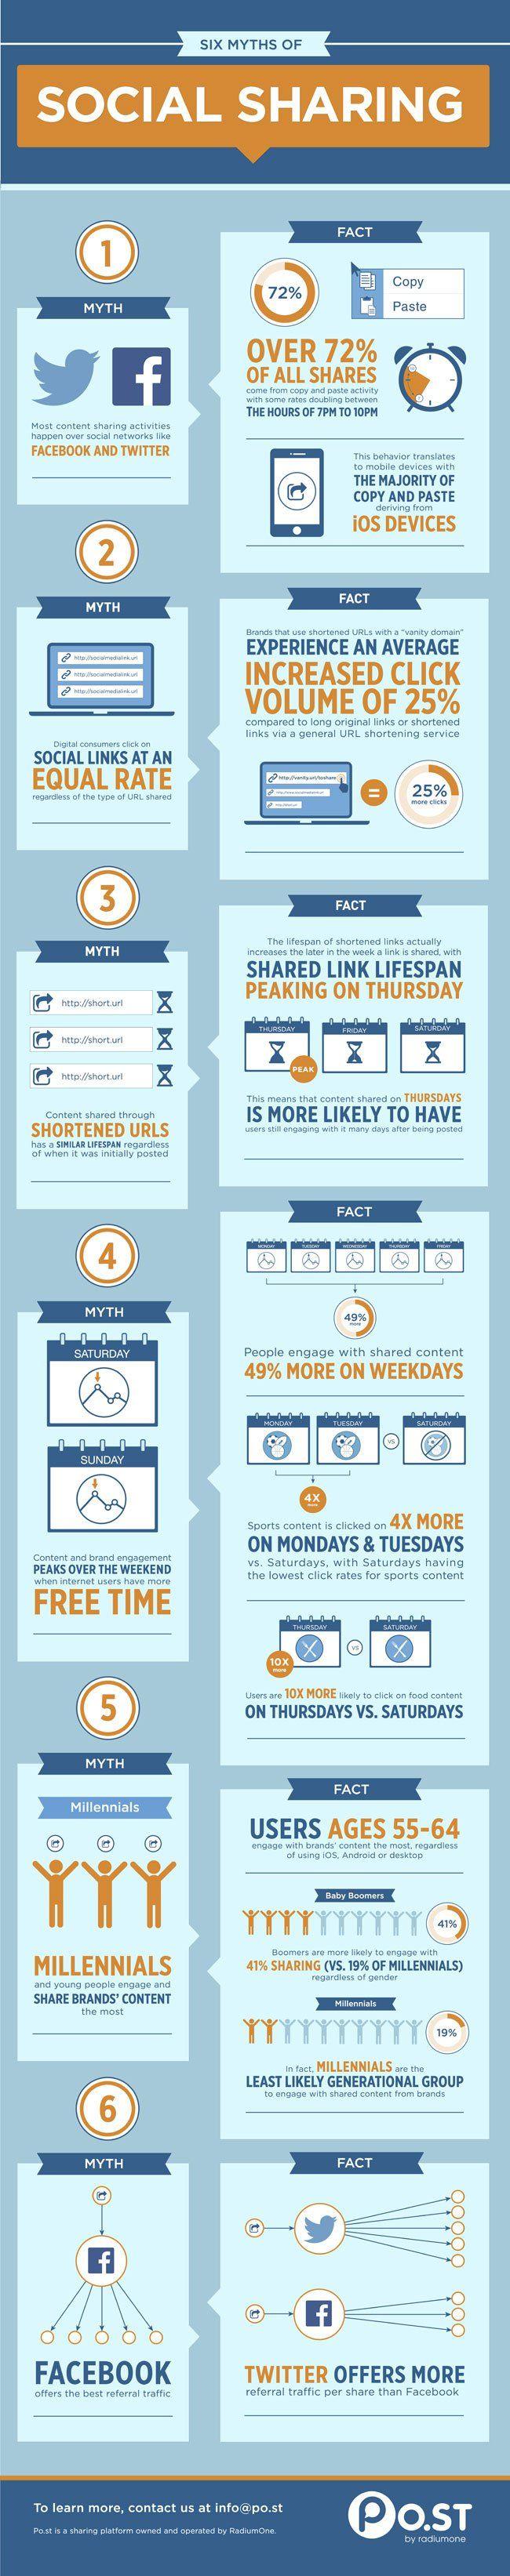 6 myths of social sharing